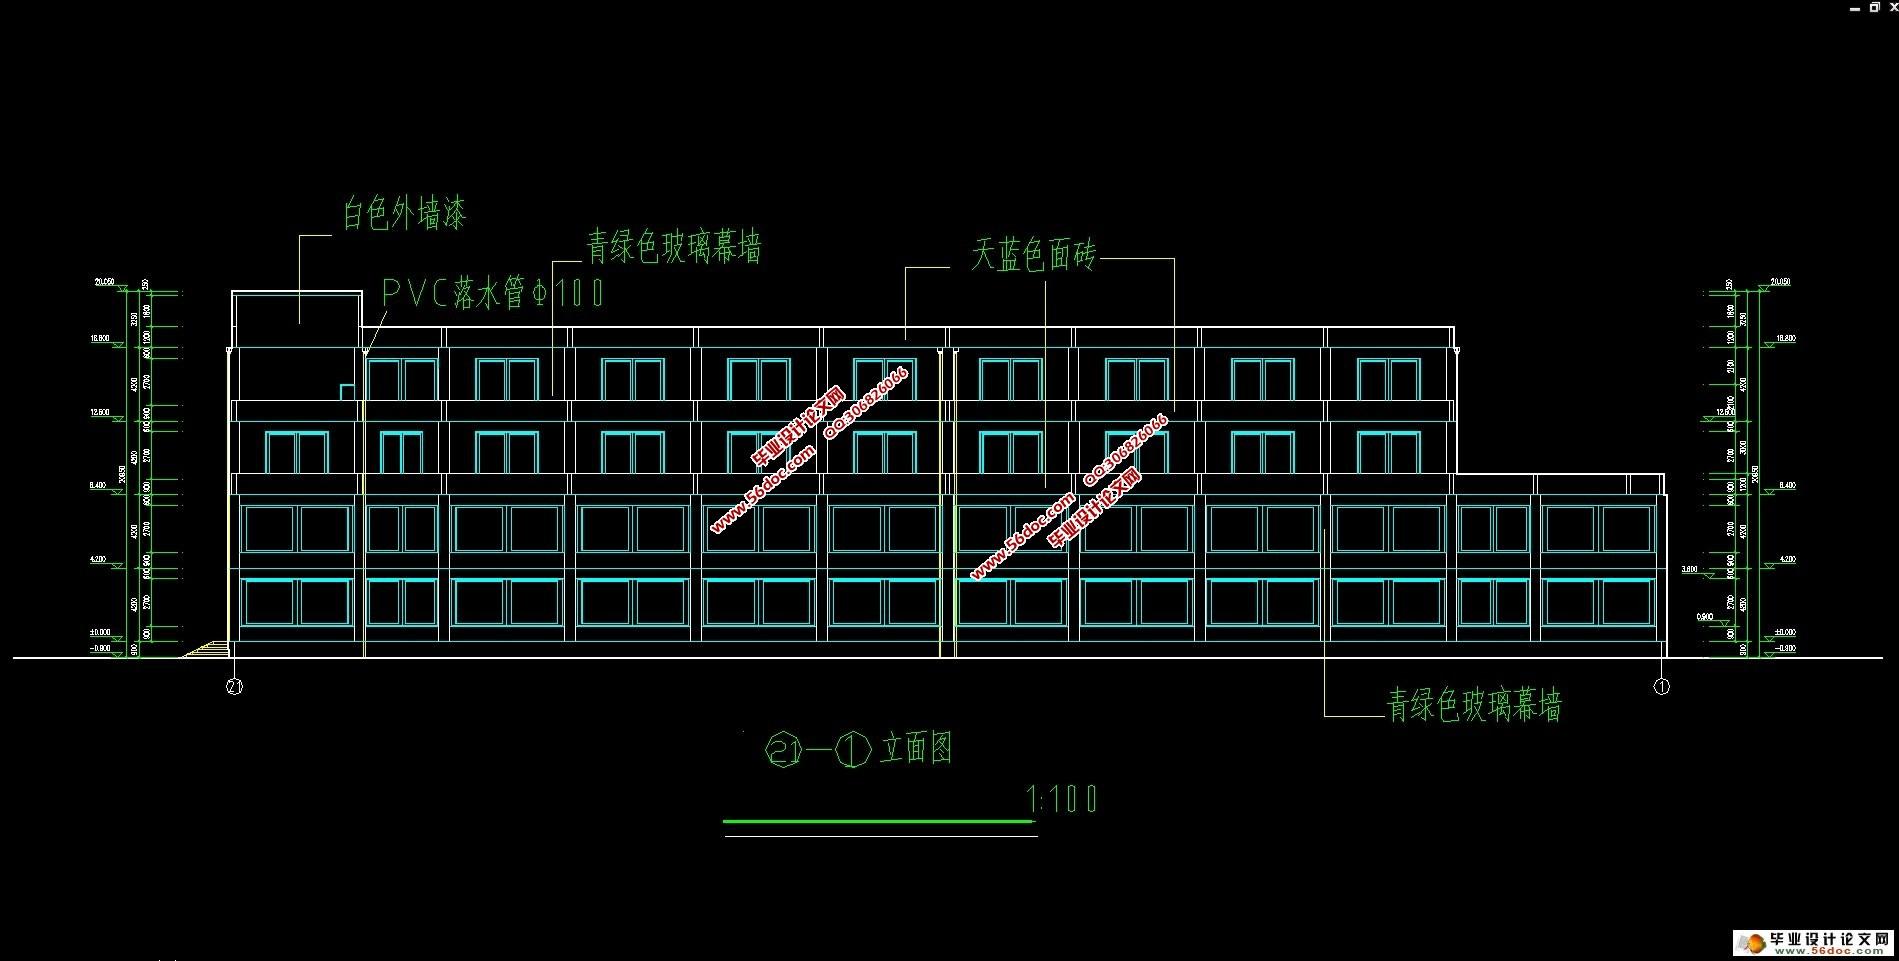 砖混结构最大的问题是抗震能力不足,如果7度区以上,基本上7层的房子很